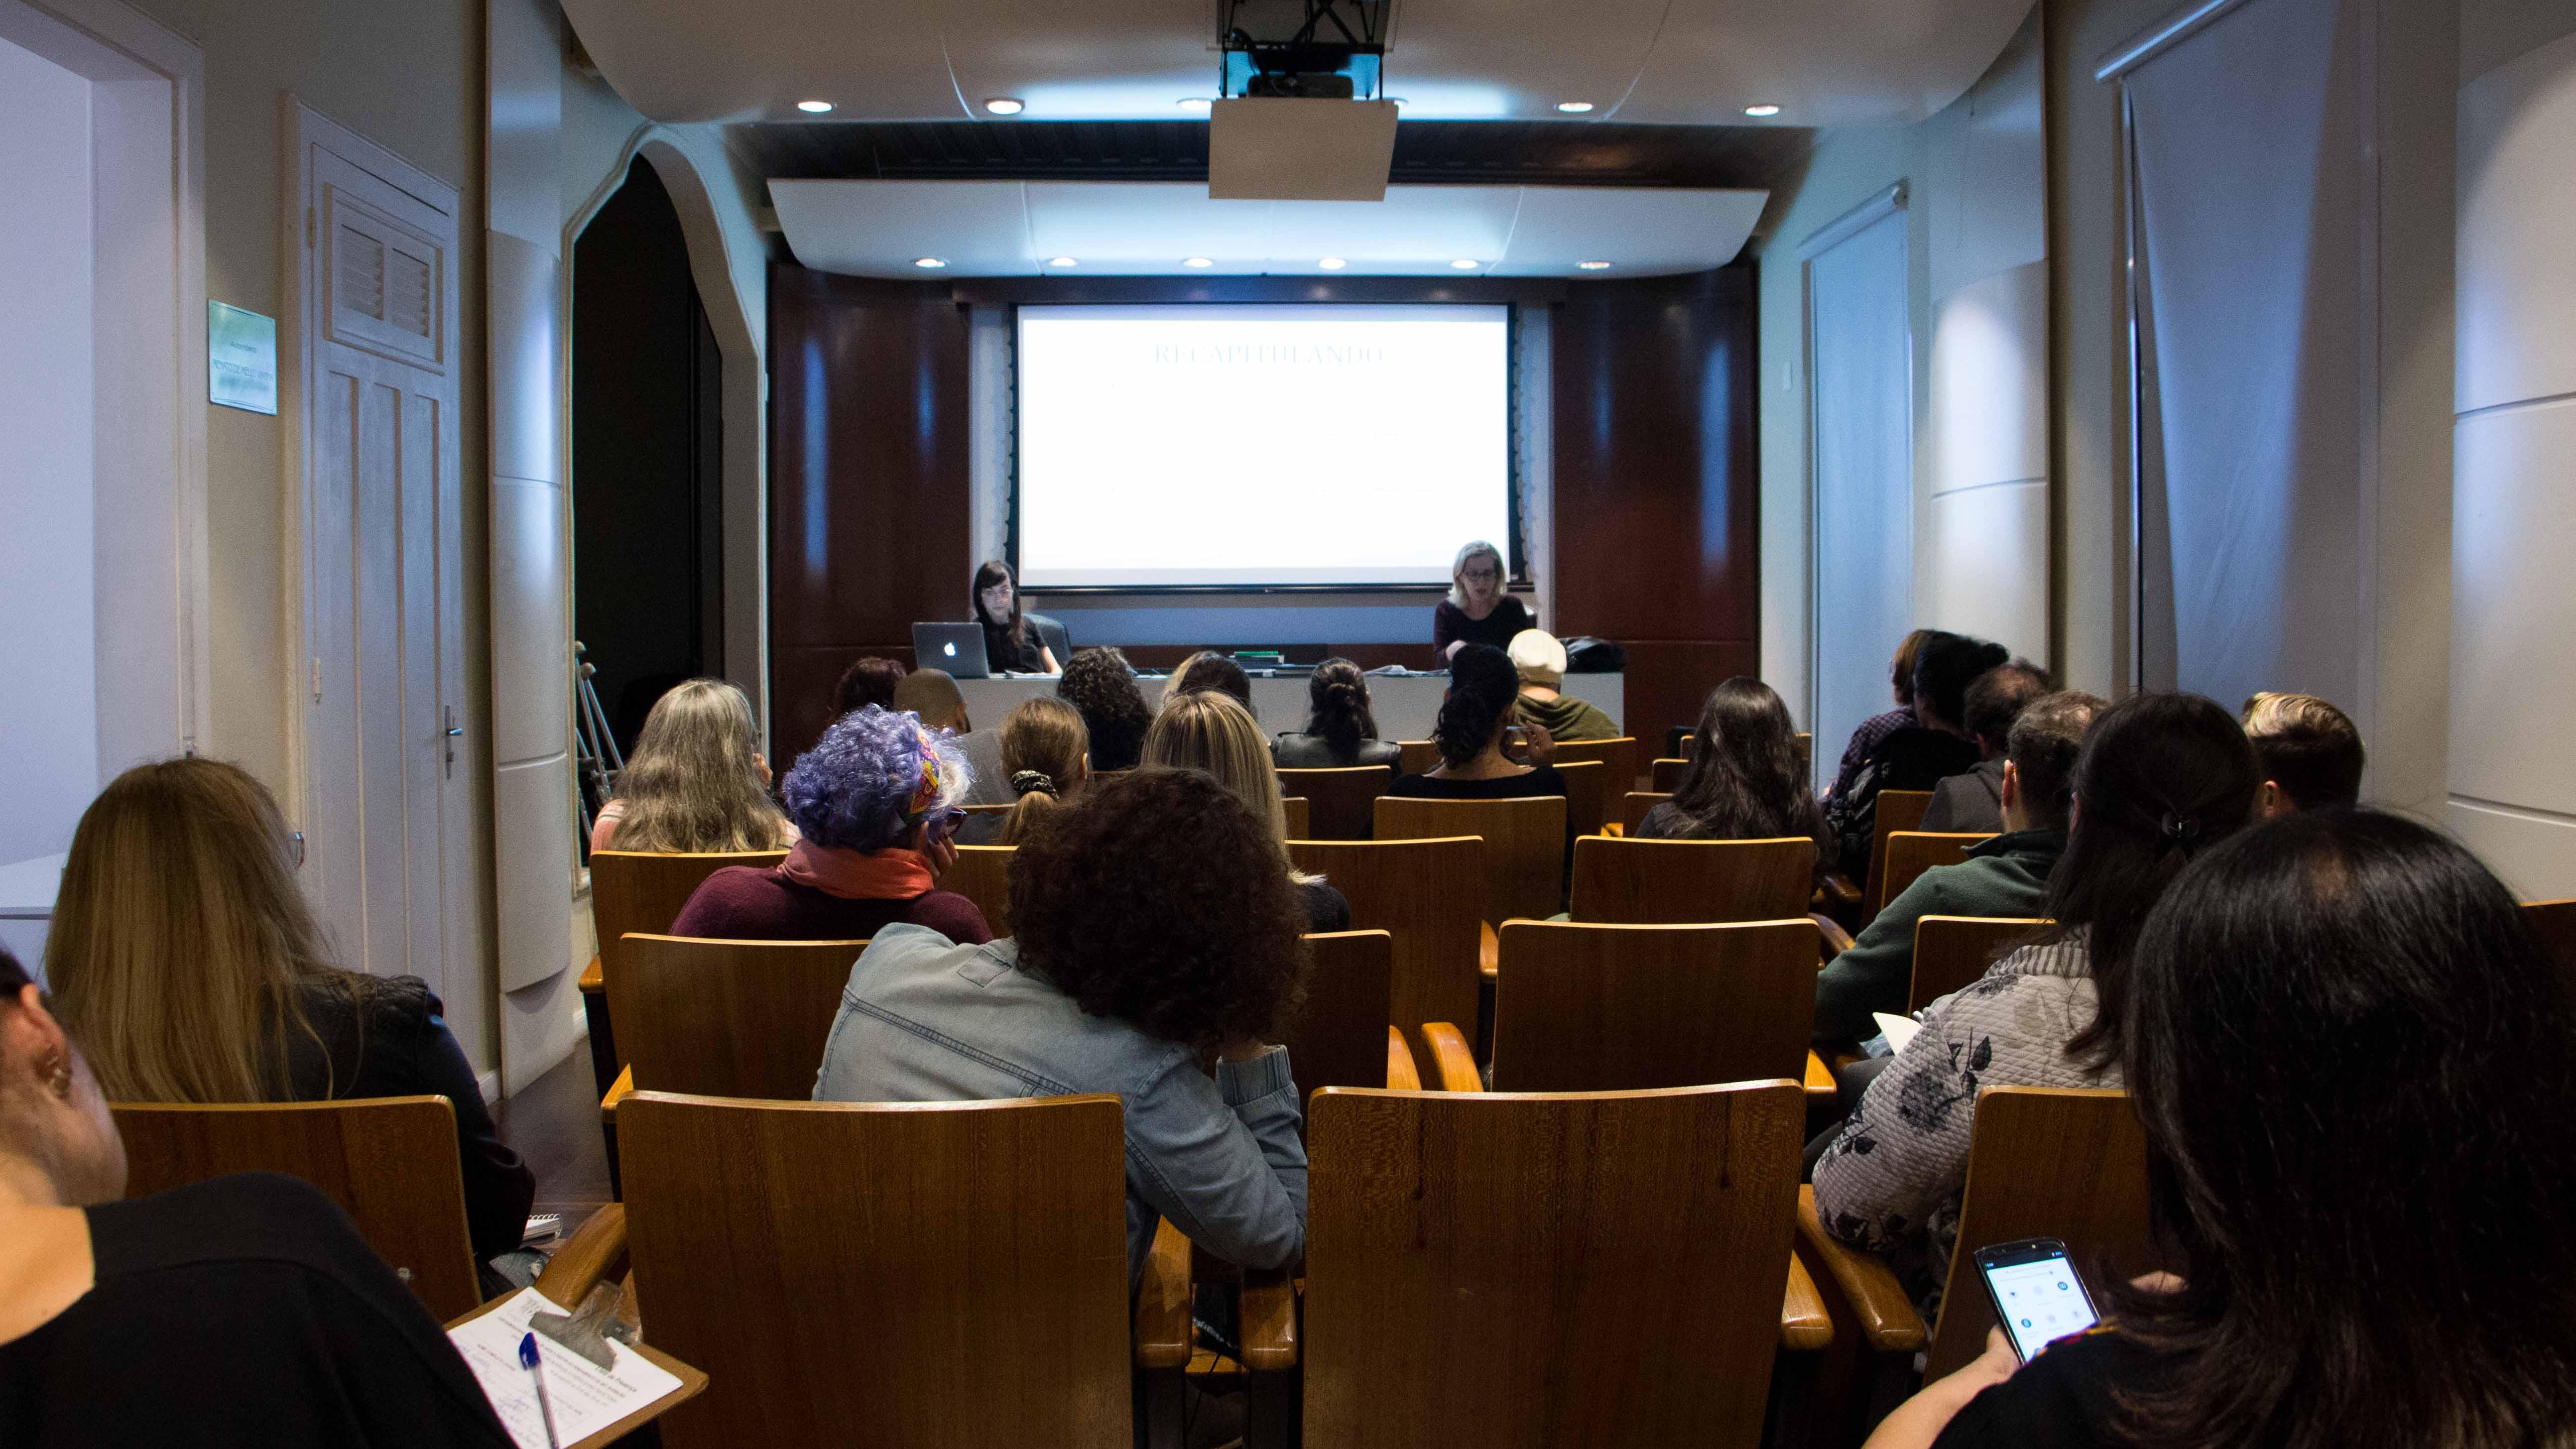 Fundação Cultural Badesc recebe no dia 26 a penúltima aula do curso gratuito de História da Arte